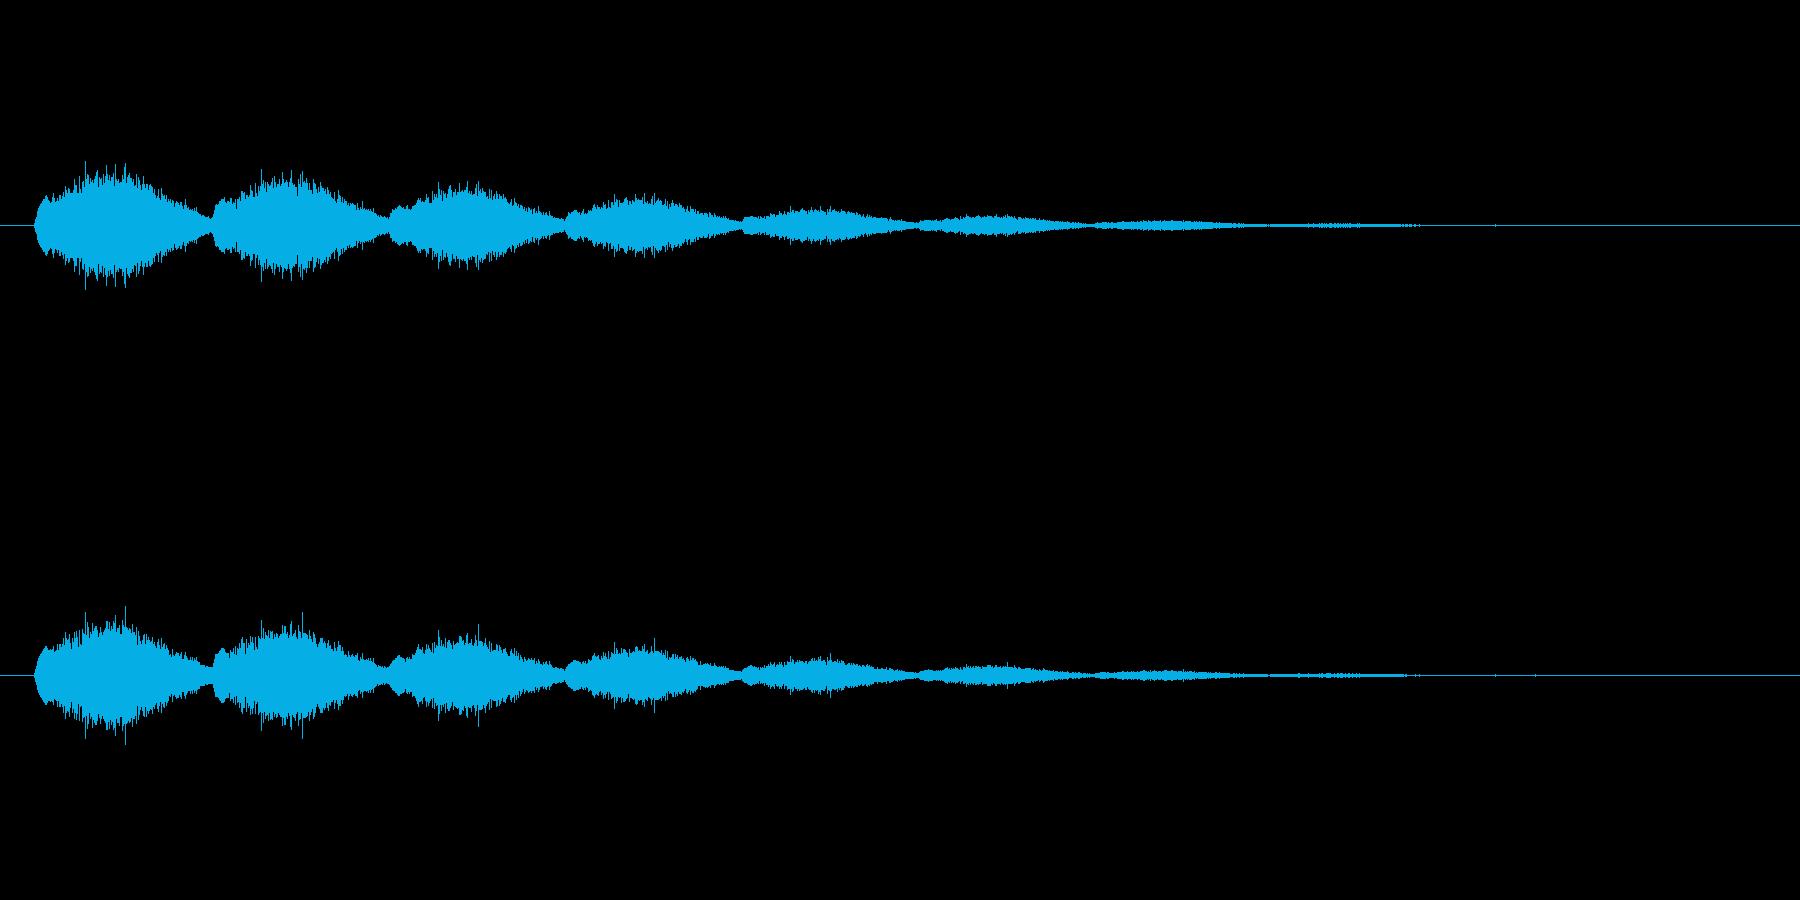 【ショートブリッジ28-2】の再生済みの波形